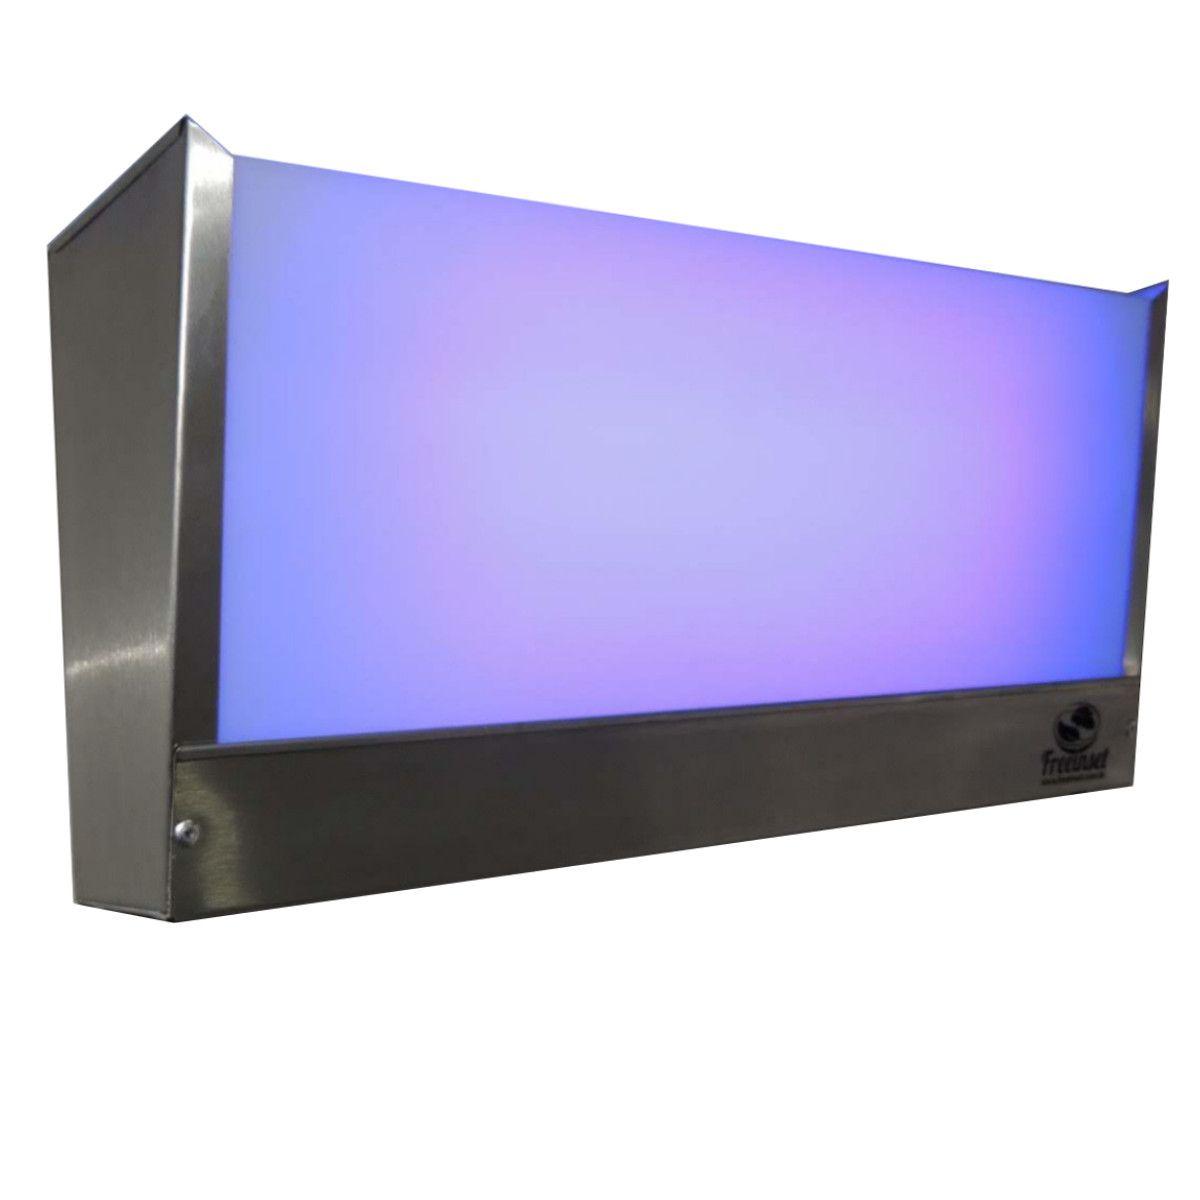 Armadilha Luminosa 3 Lâmpadas Inox Moscas, Bivolt